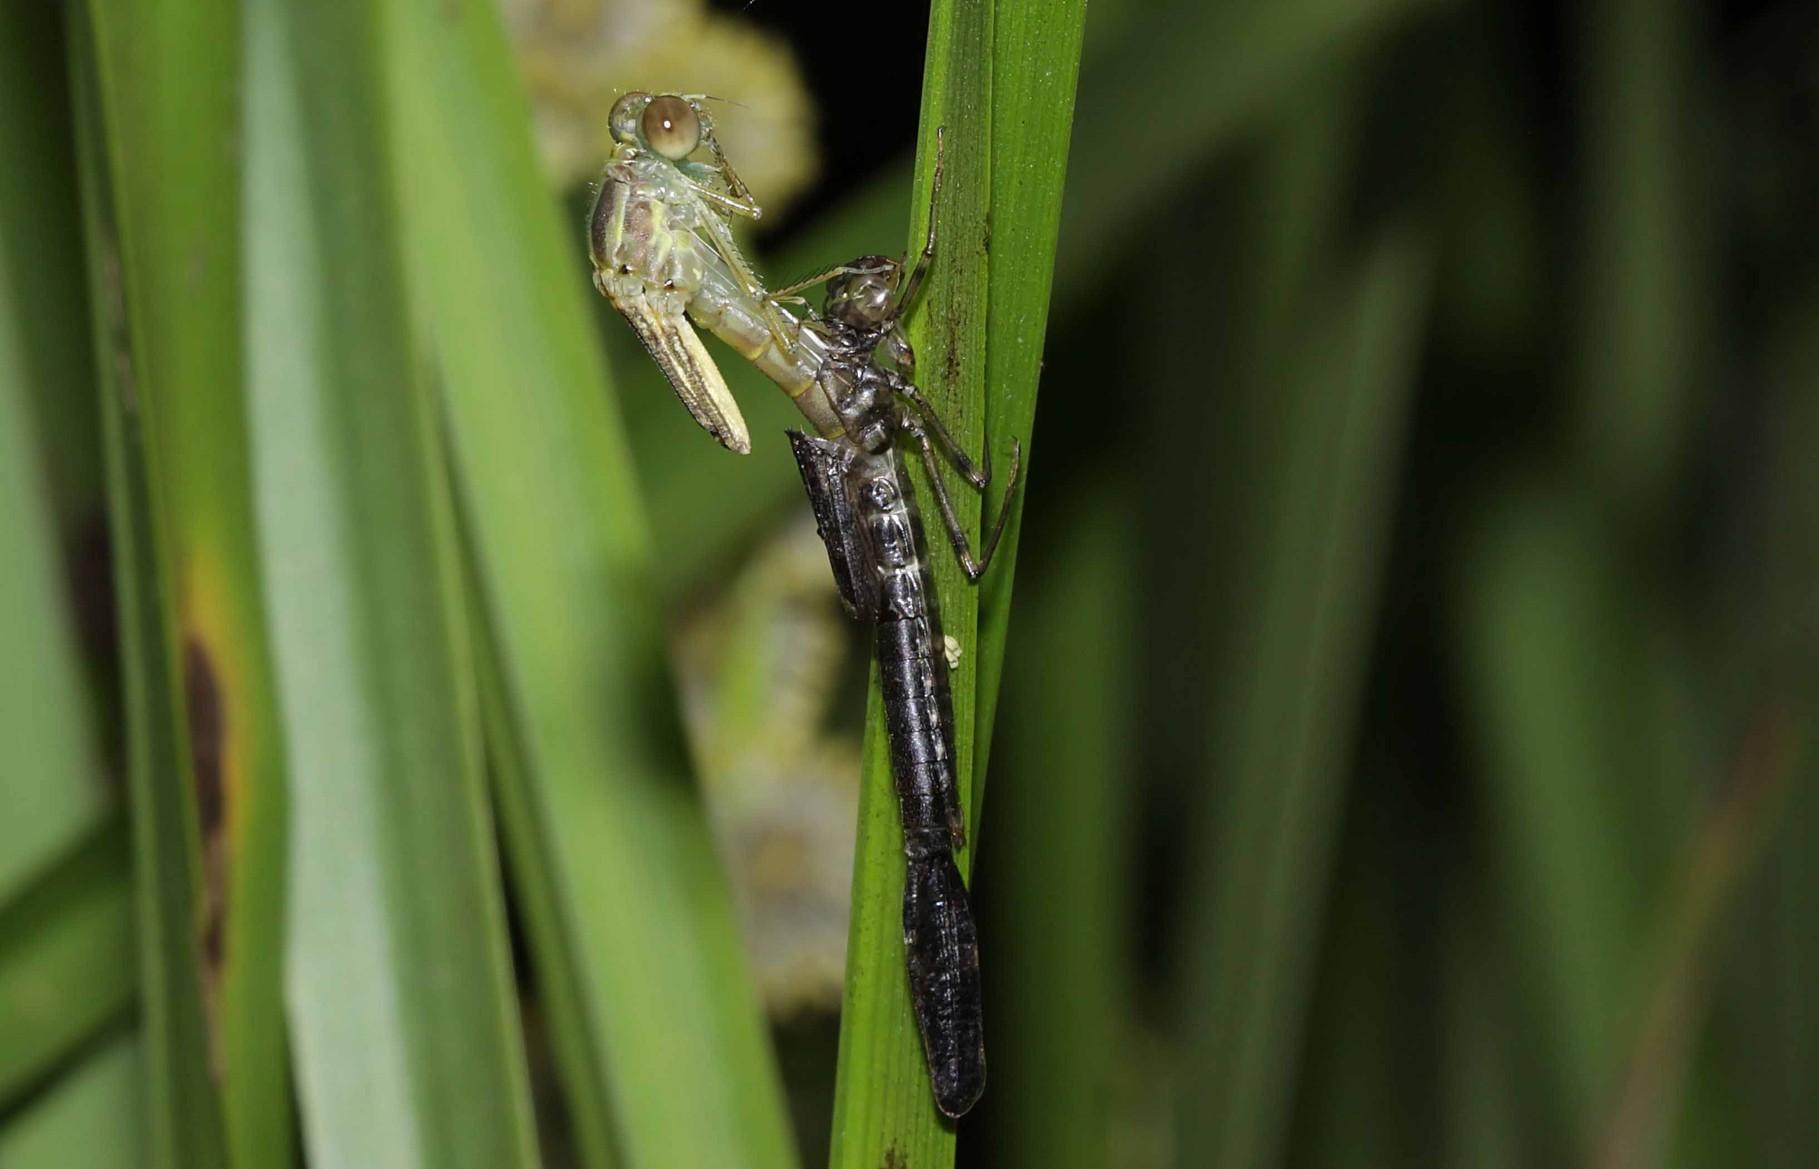 Gemeine Weidenjungfer, Chalcolestes viridis, das Tier schiebt sich nach oben aus der Larvenhaut heraus.